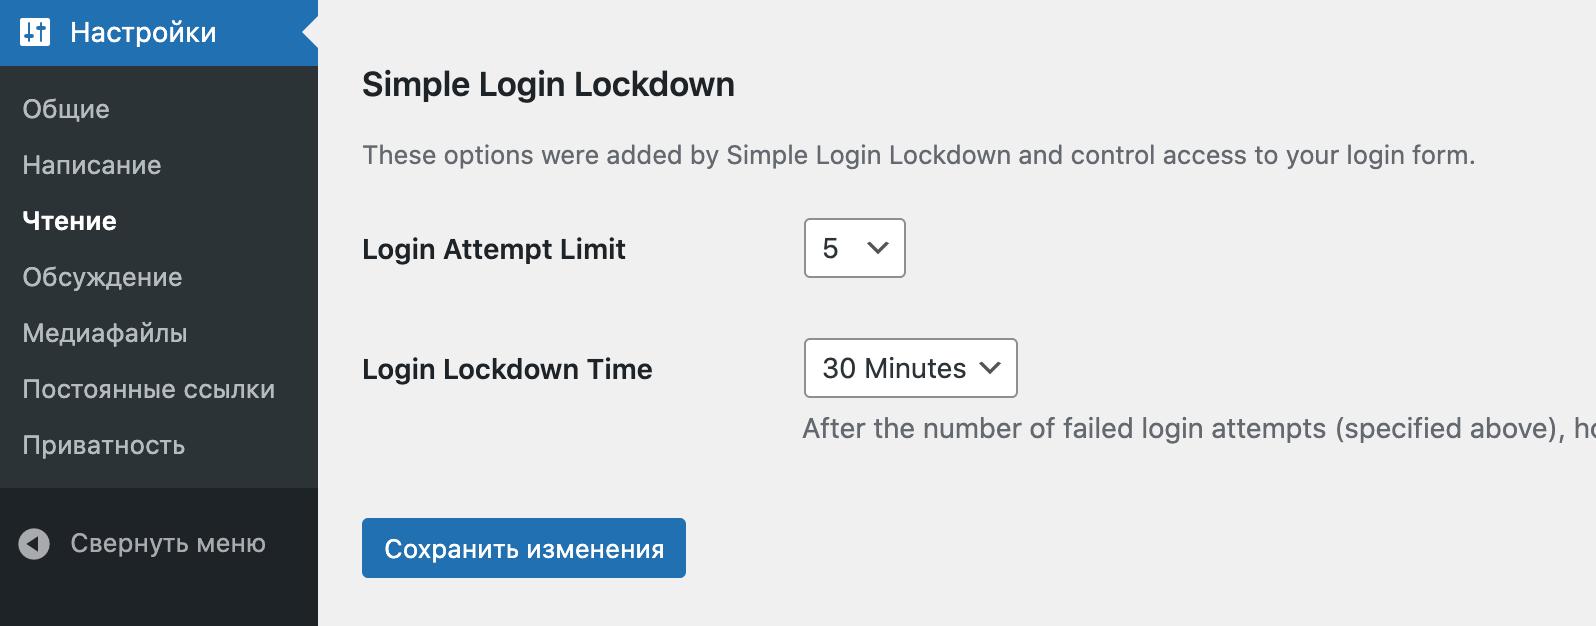 Настройки плагина simple login lockdown